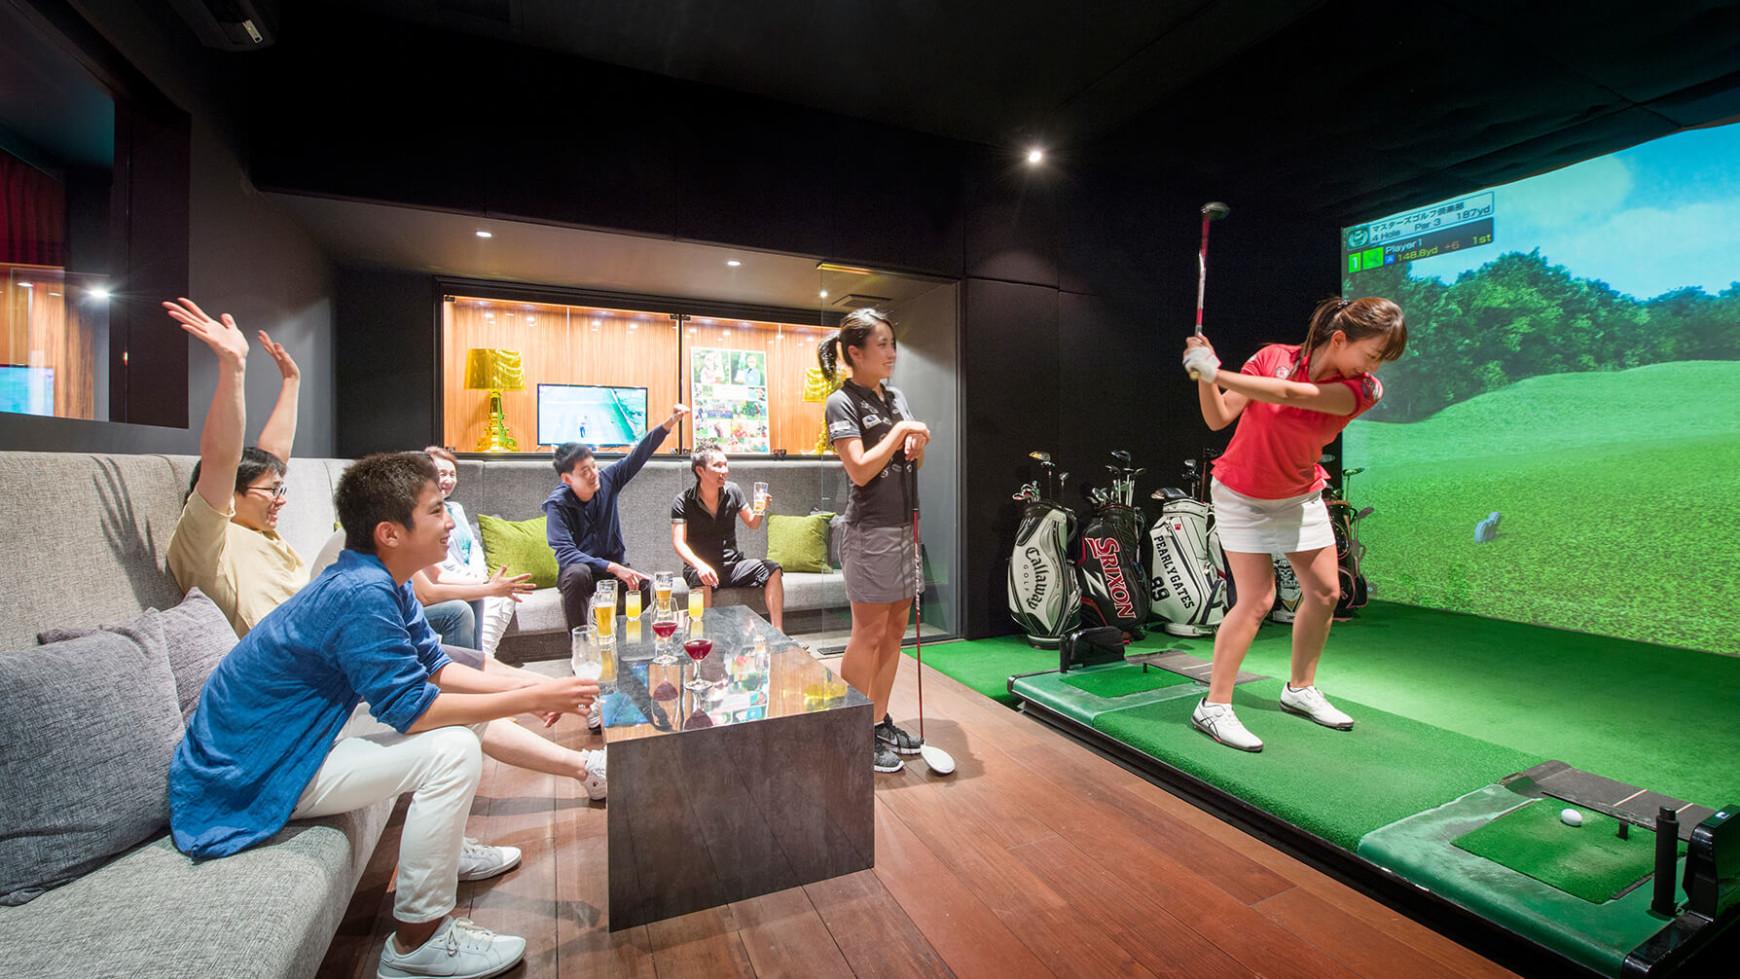 ゴルフ シュミレーション ゴルフシミュレーションスタジオ DIGITAL